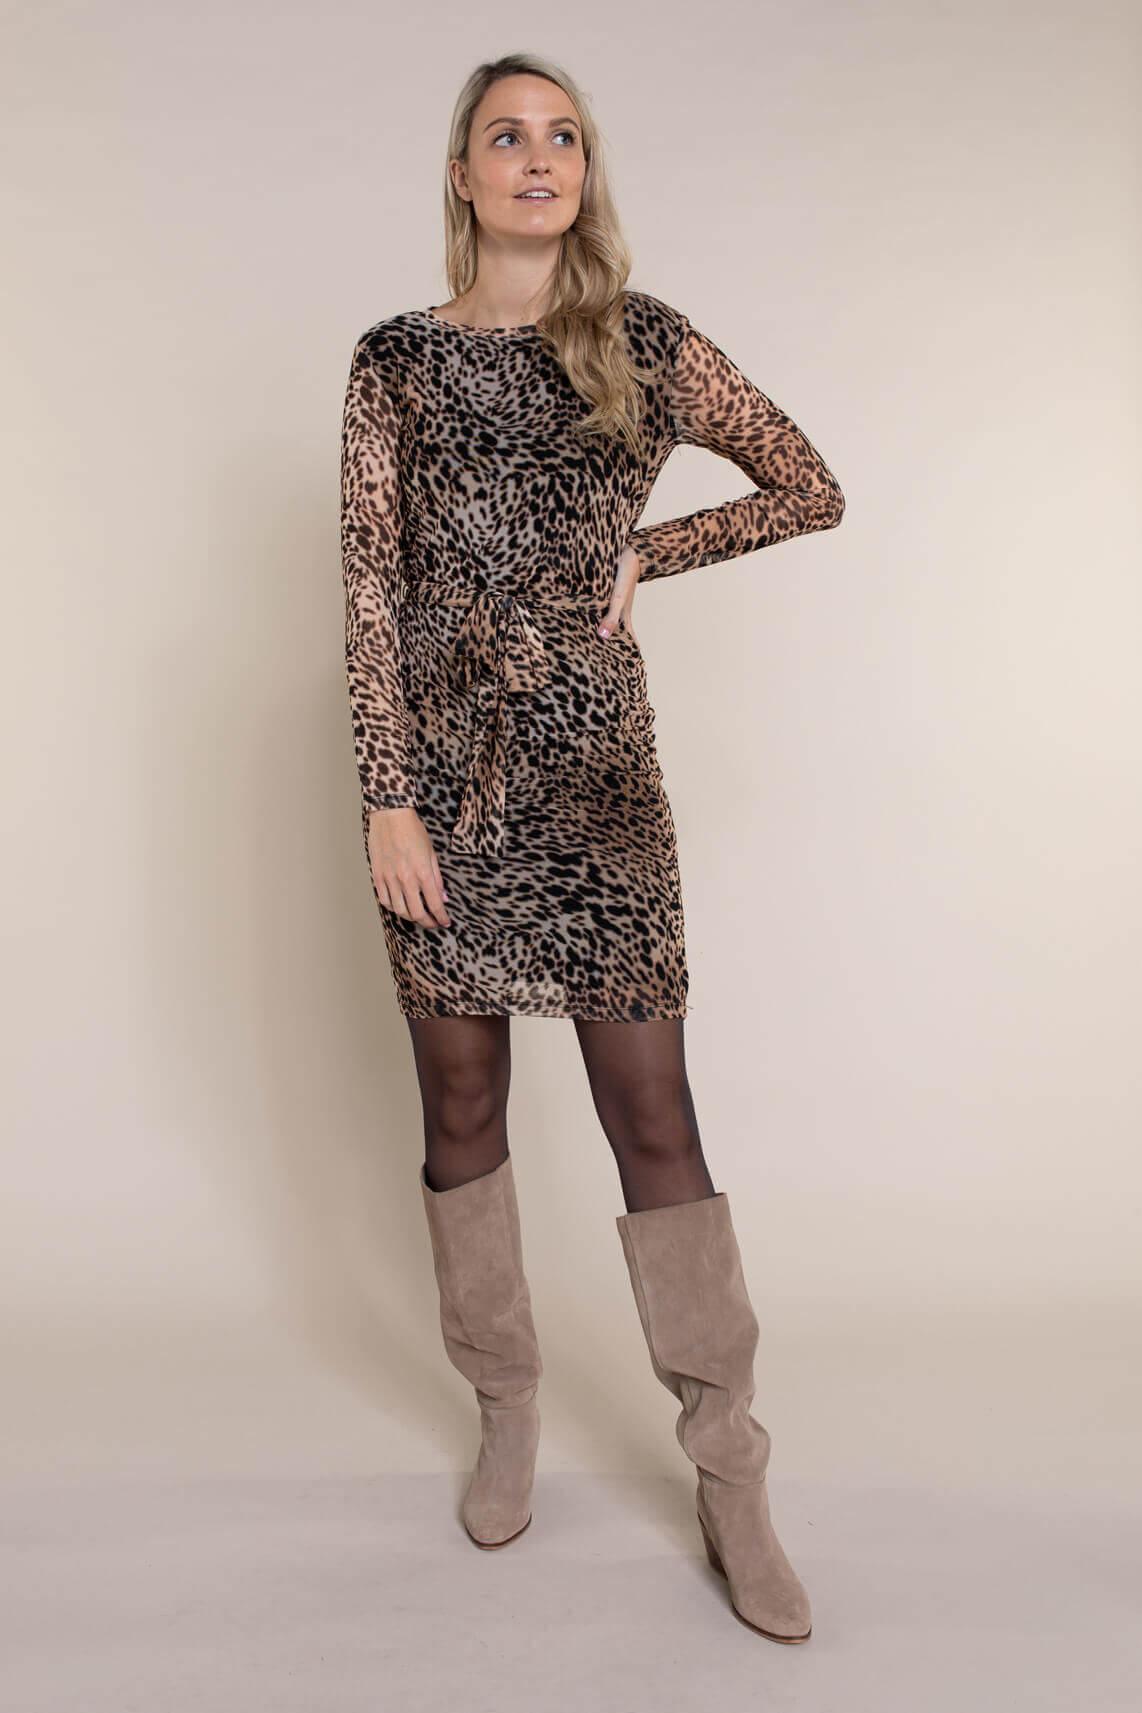 Anna Dames Mesh jurk met animalprint Bruin